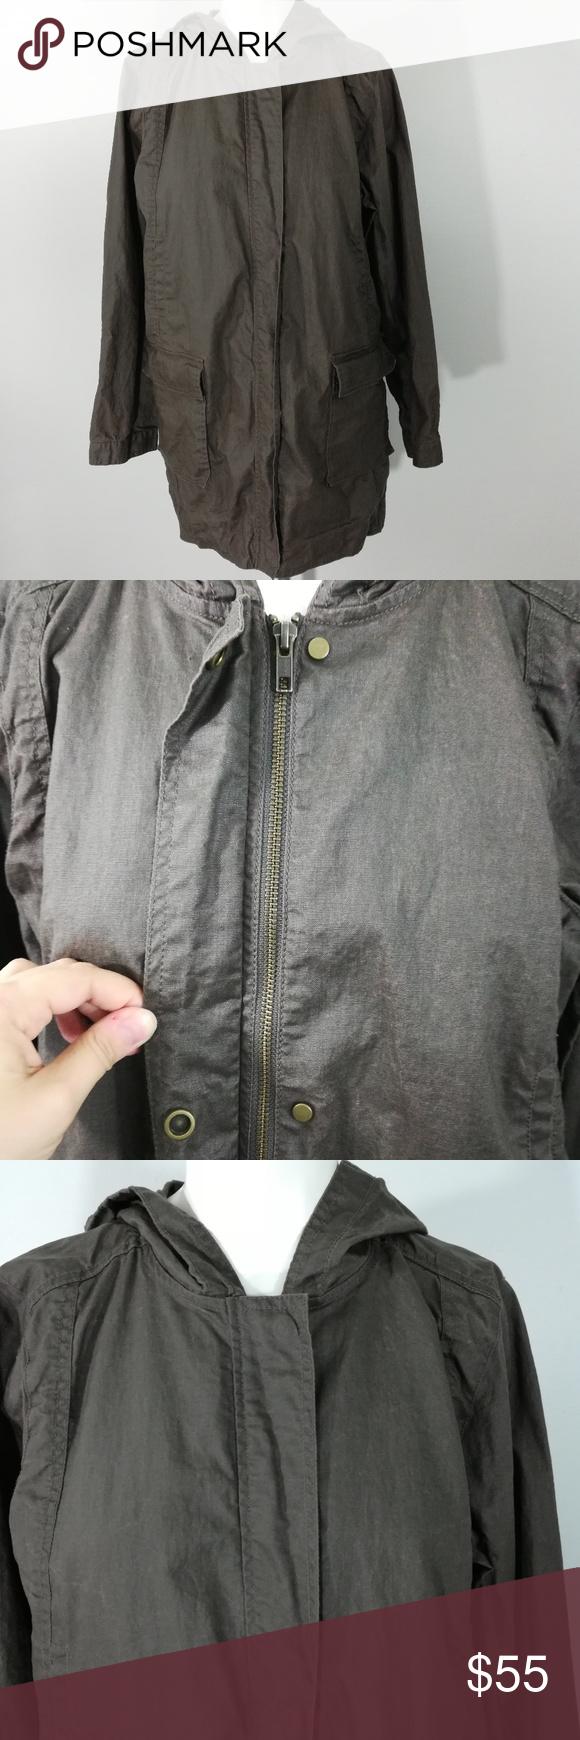 Eileen Fisher Waxed Linen Utility Jacket Size Pm Eileen Fisher Eileen Fisher Jacket Utility Jacket [ 1740 x 580 Pixel ]